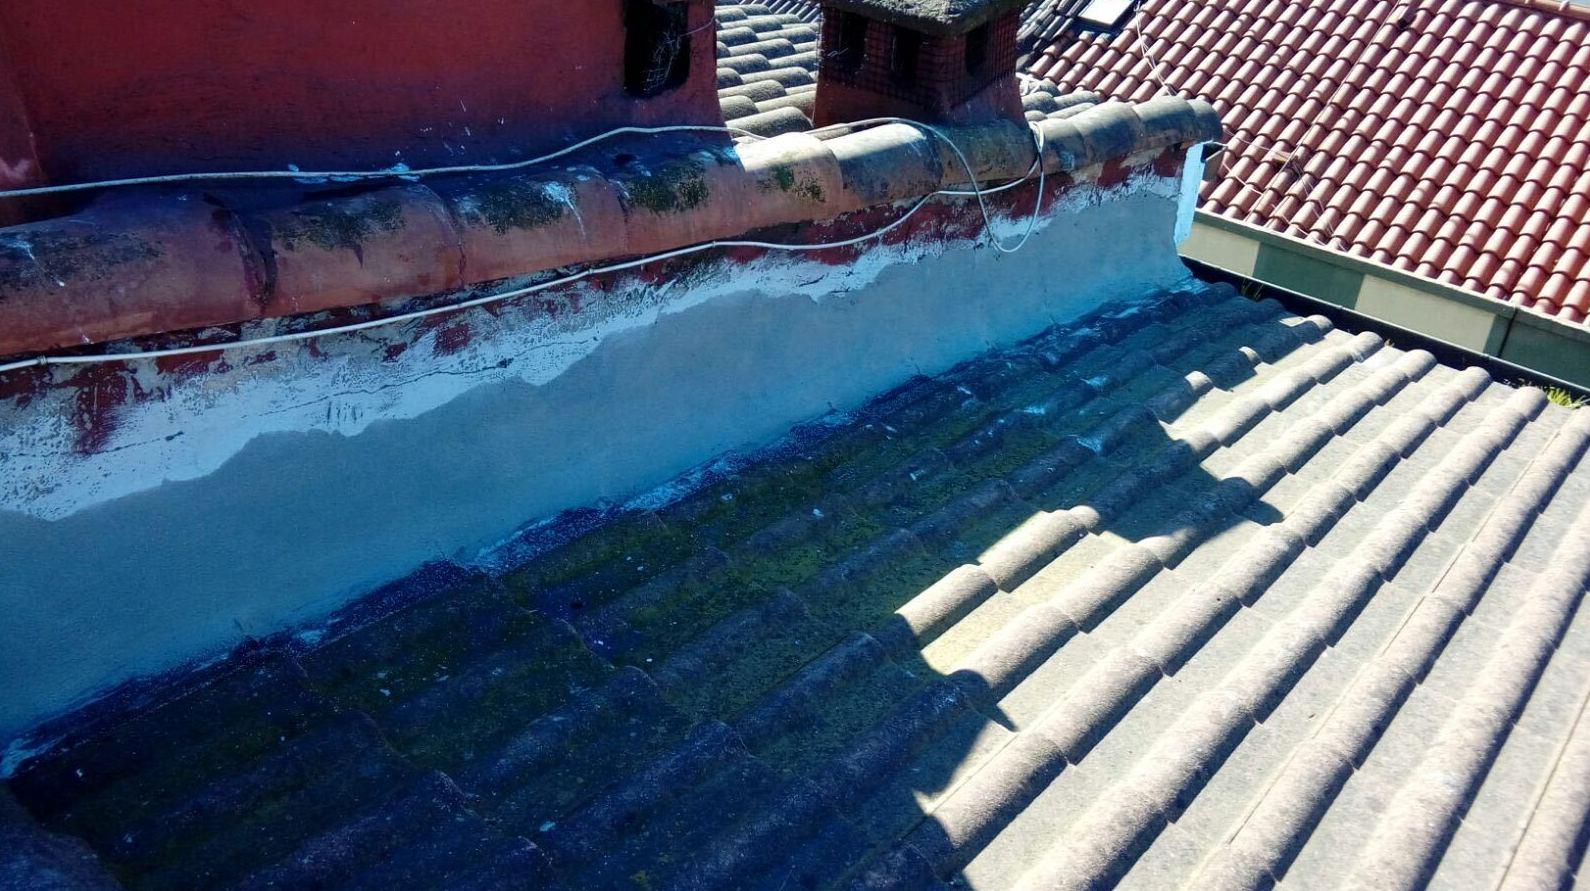 Estado del tejado antes de la reparación